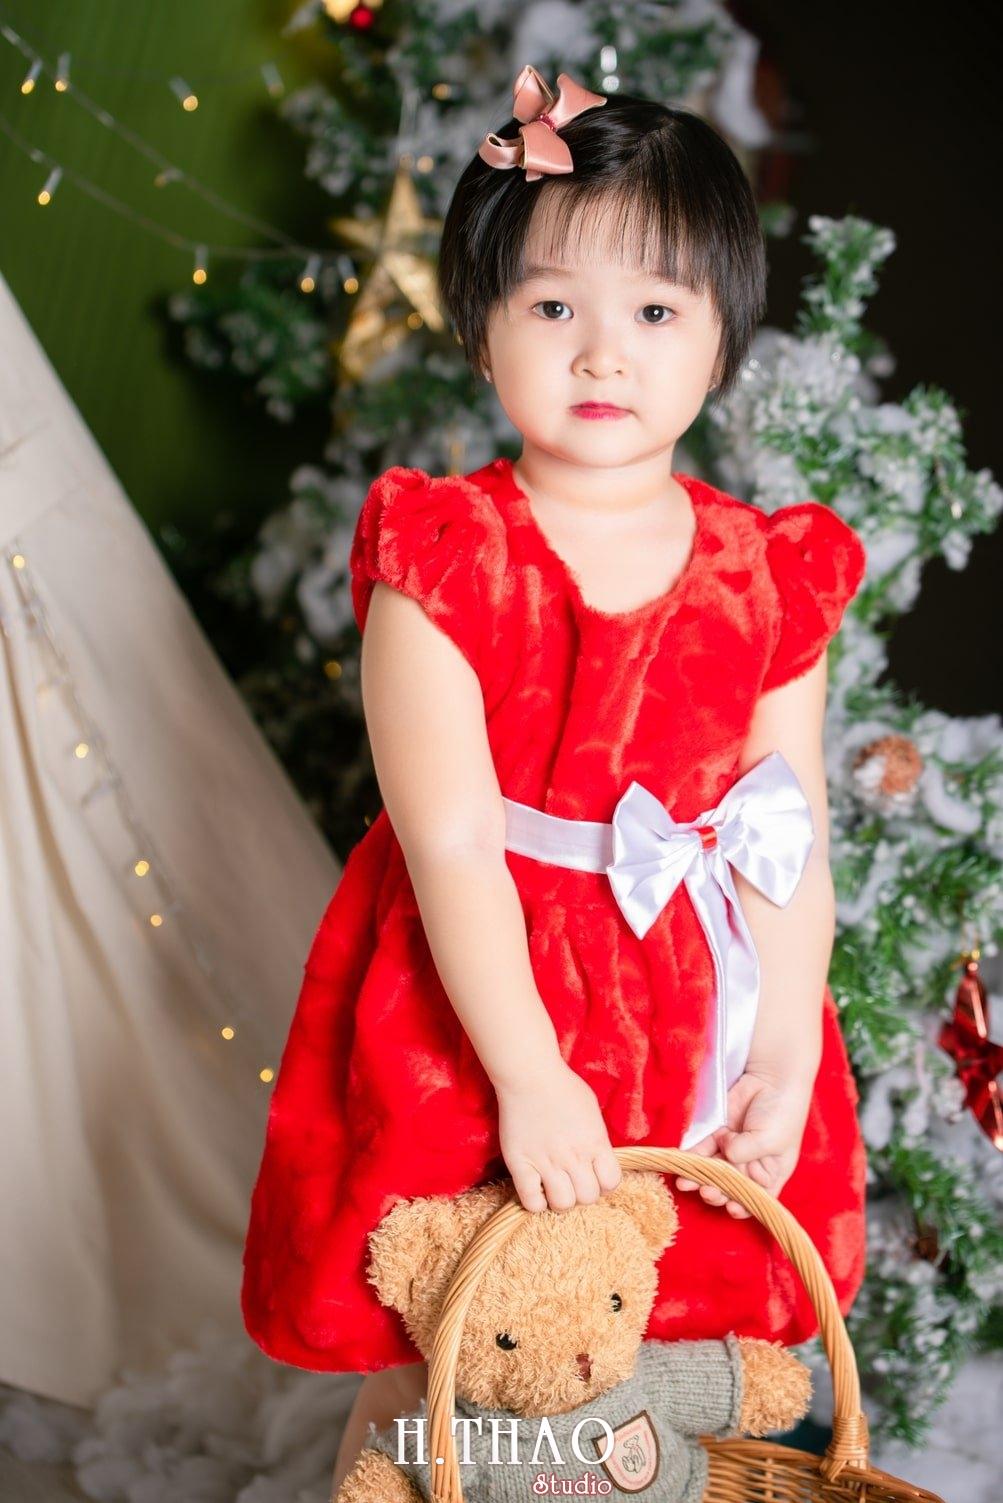 Anh be noel 1 - Album ảnh noel chụp cho con gái cưng chị Linh - HThao Studio